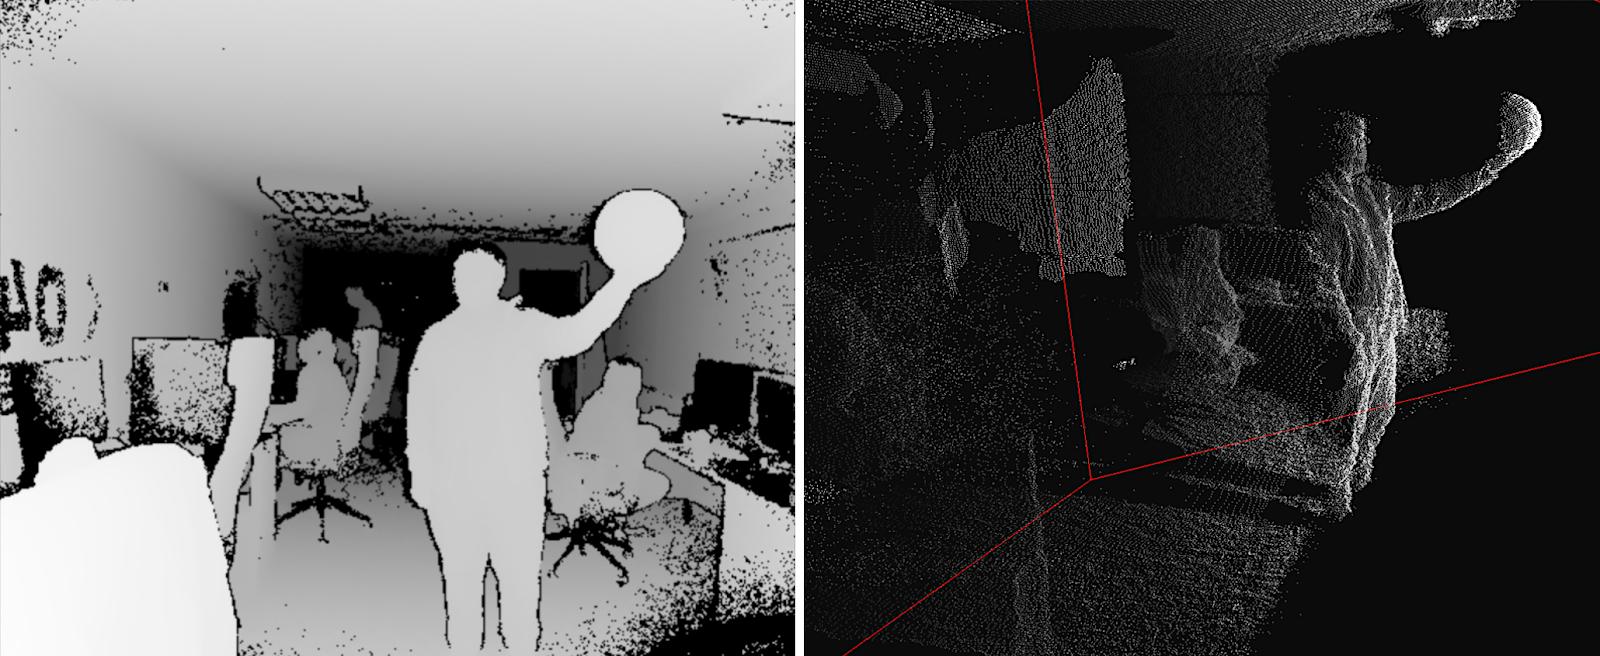 Камеры глубины — тихая революция (когда роботы будут видеть) Часть 1 - 2